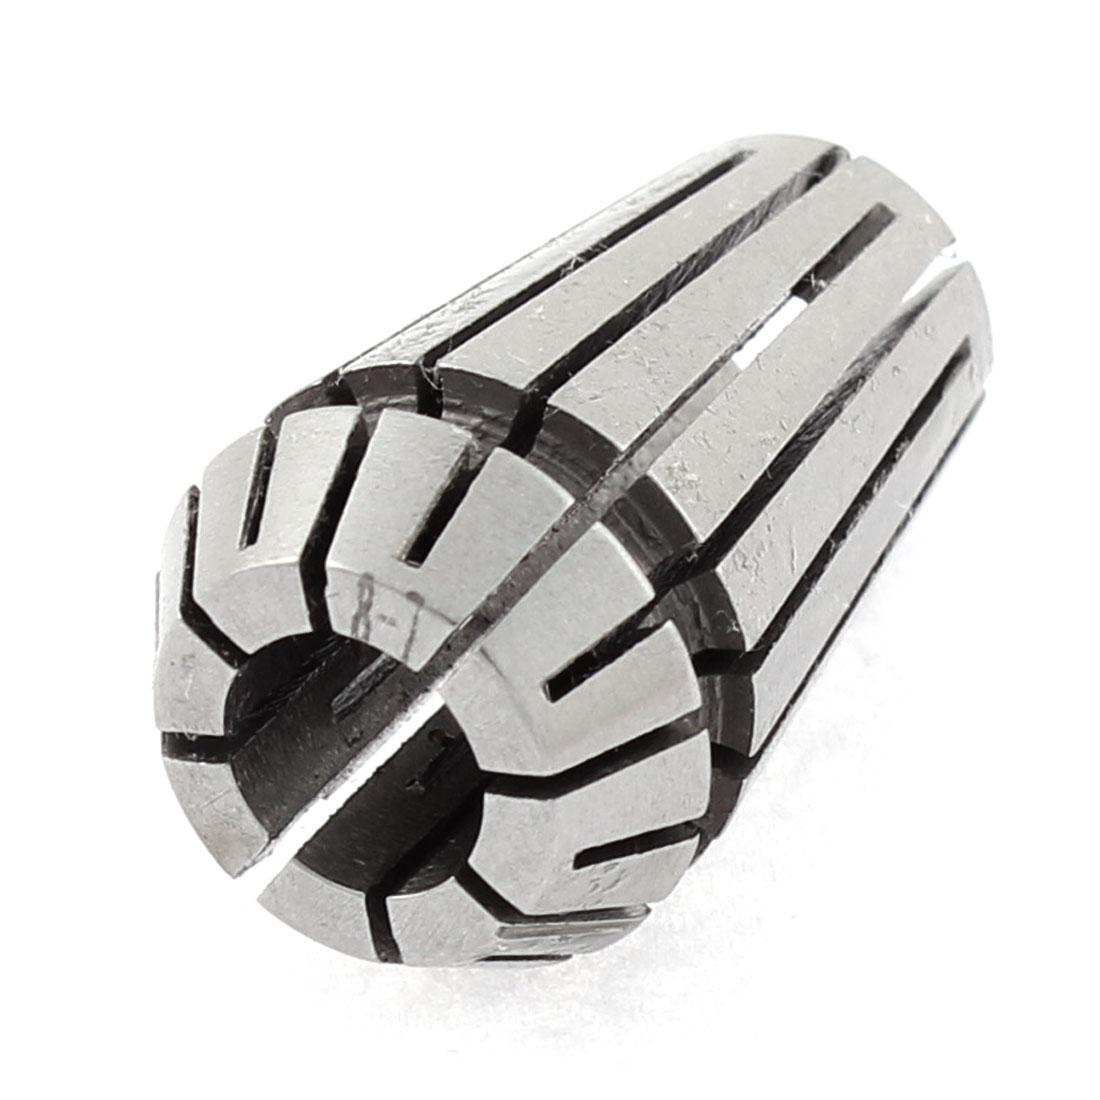 ER16 8mm Spring Collet Holder Milling Lathe Tool 8-7mm Clamp Range